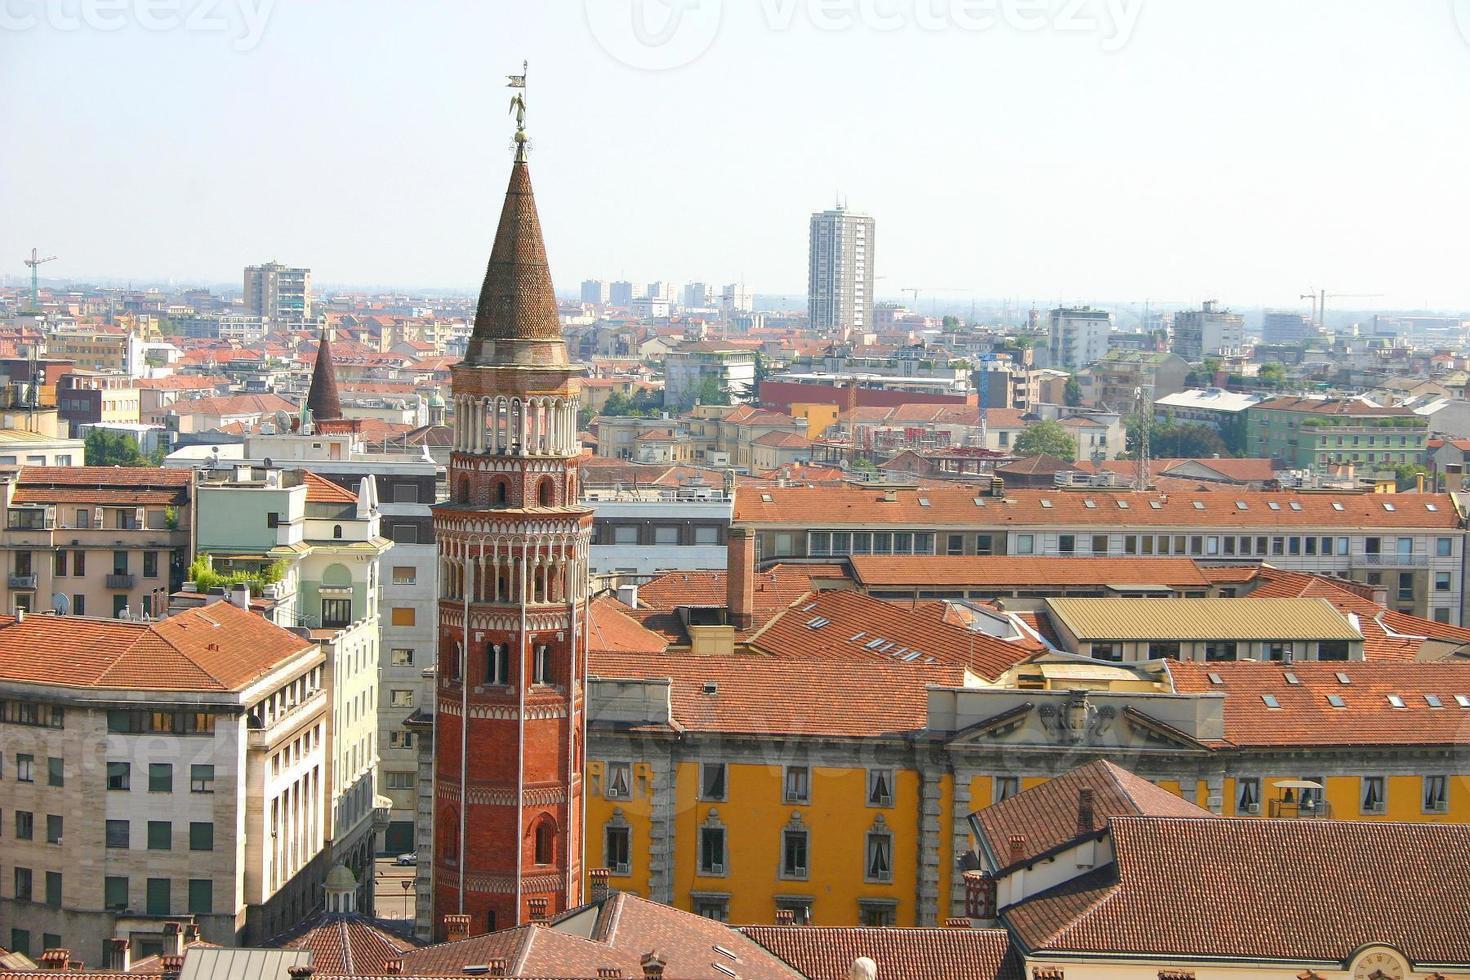 Vue aérienne de Milan depuis le toit du Duomo, Italie photo